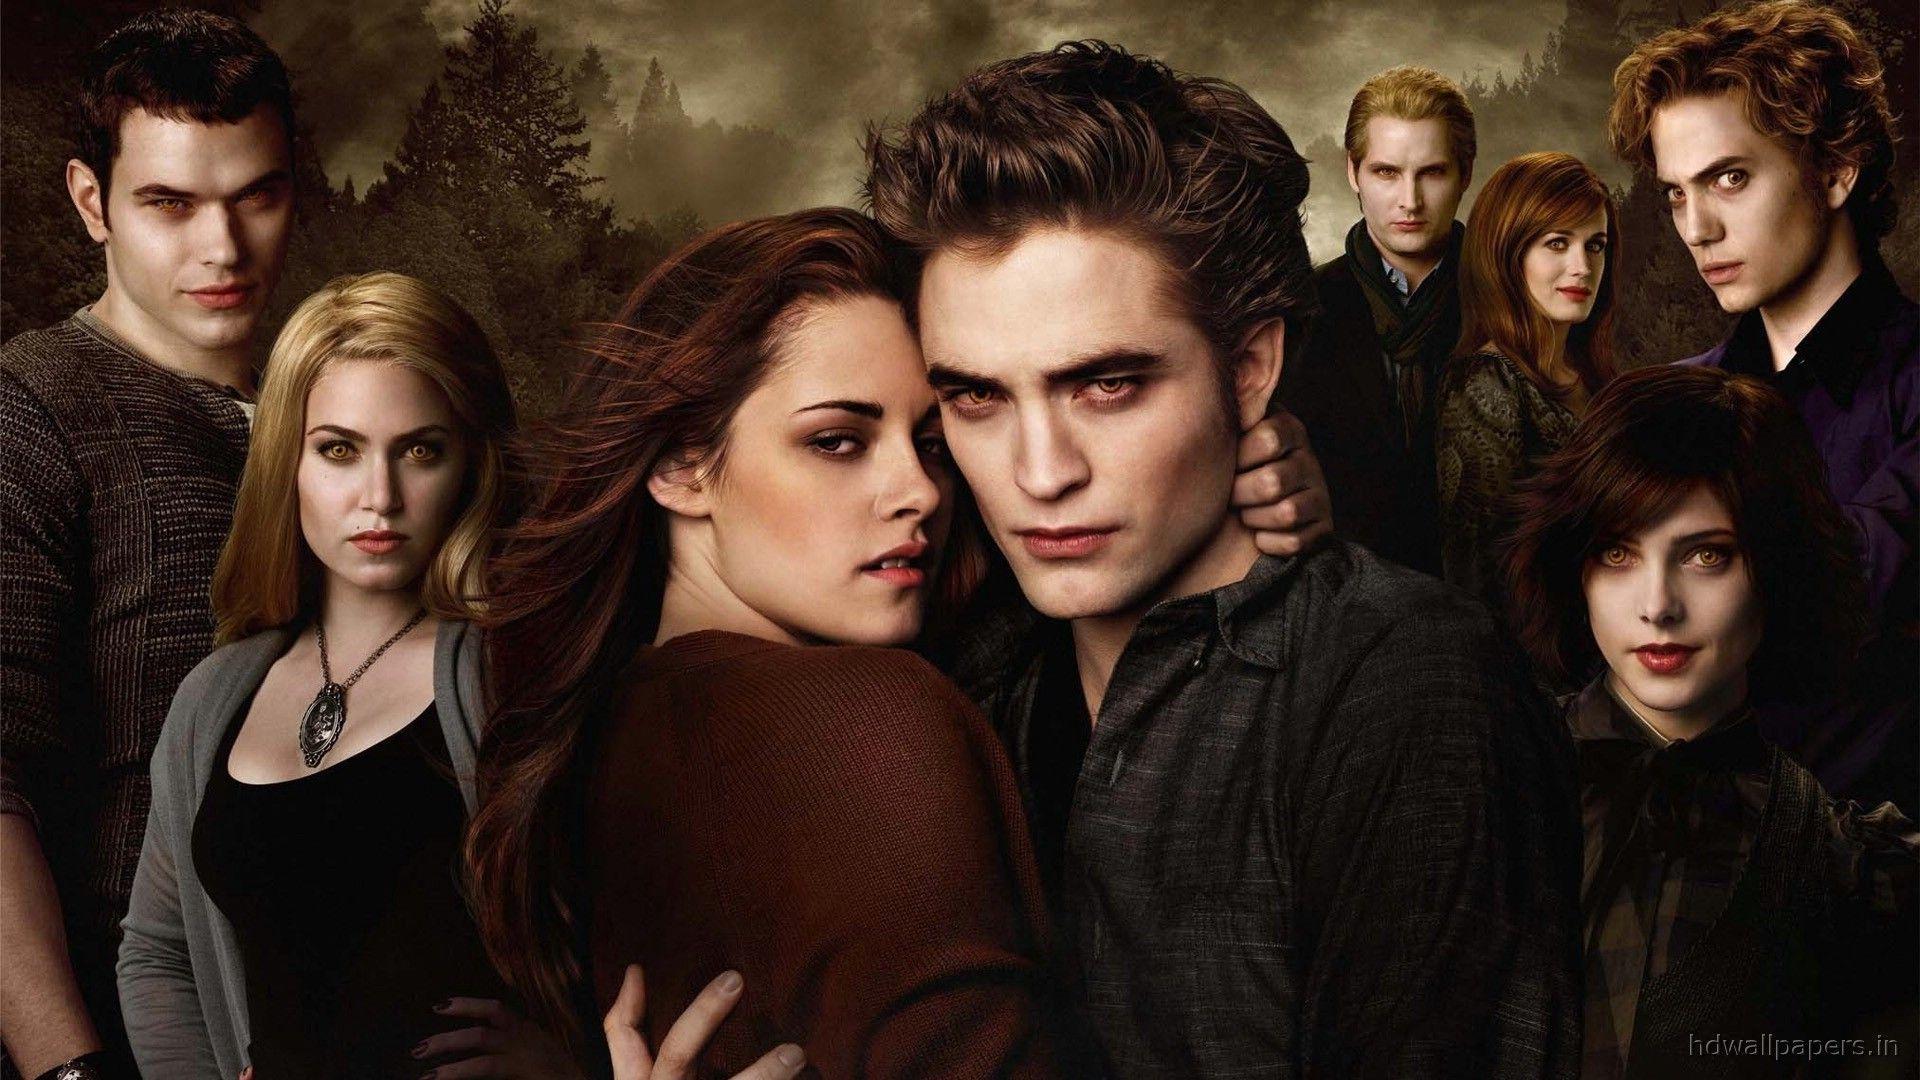 Twilight Saga Breaking Dawn Wallpapers Hd Wallpapers Twilight Film Twilight Movie Twilight Saga